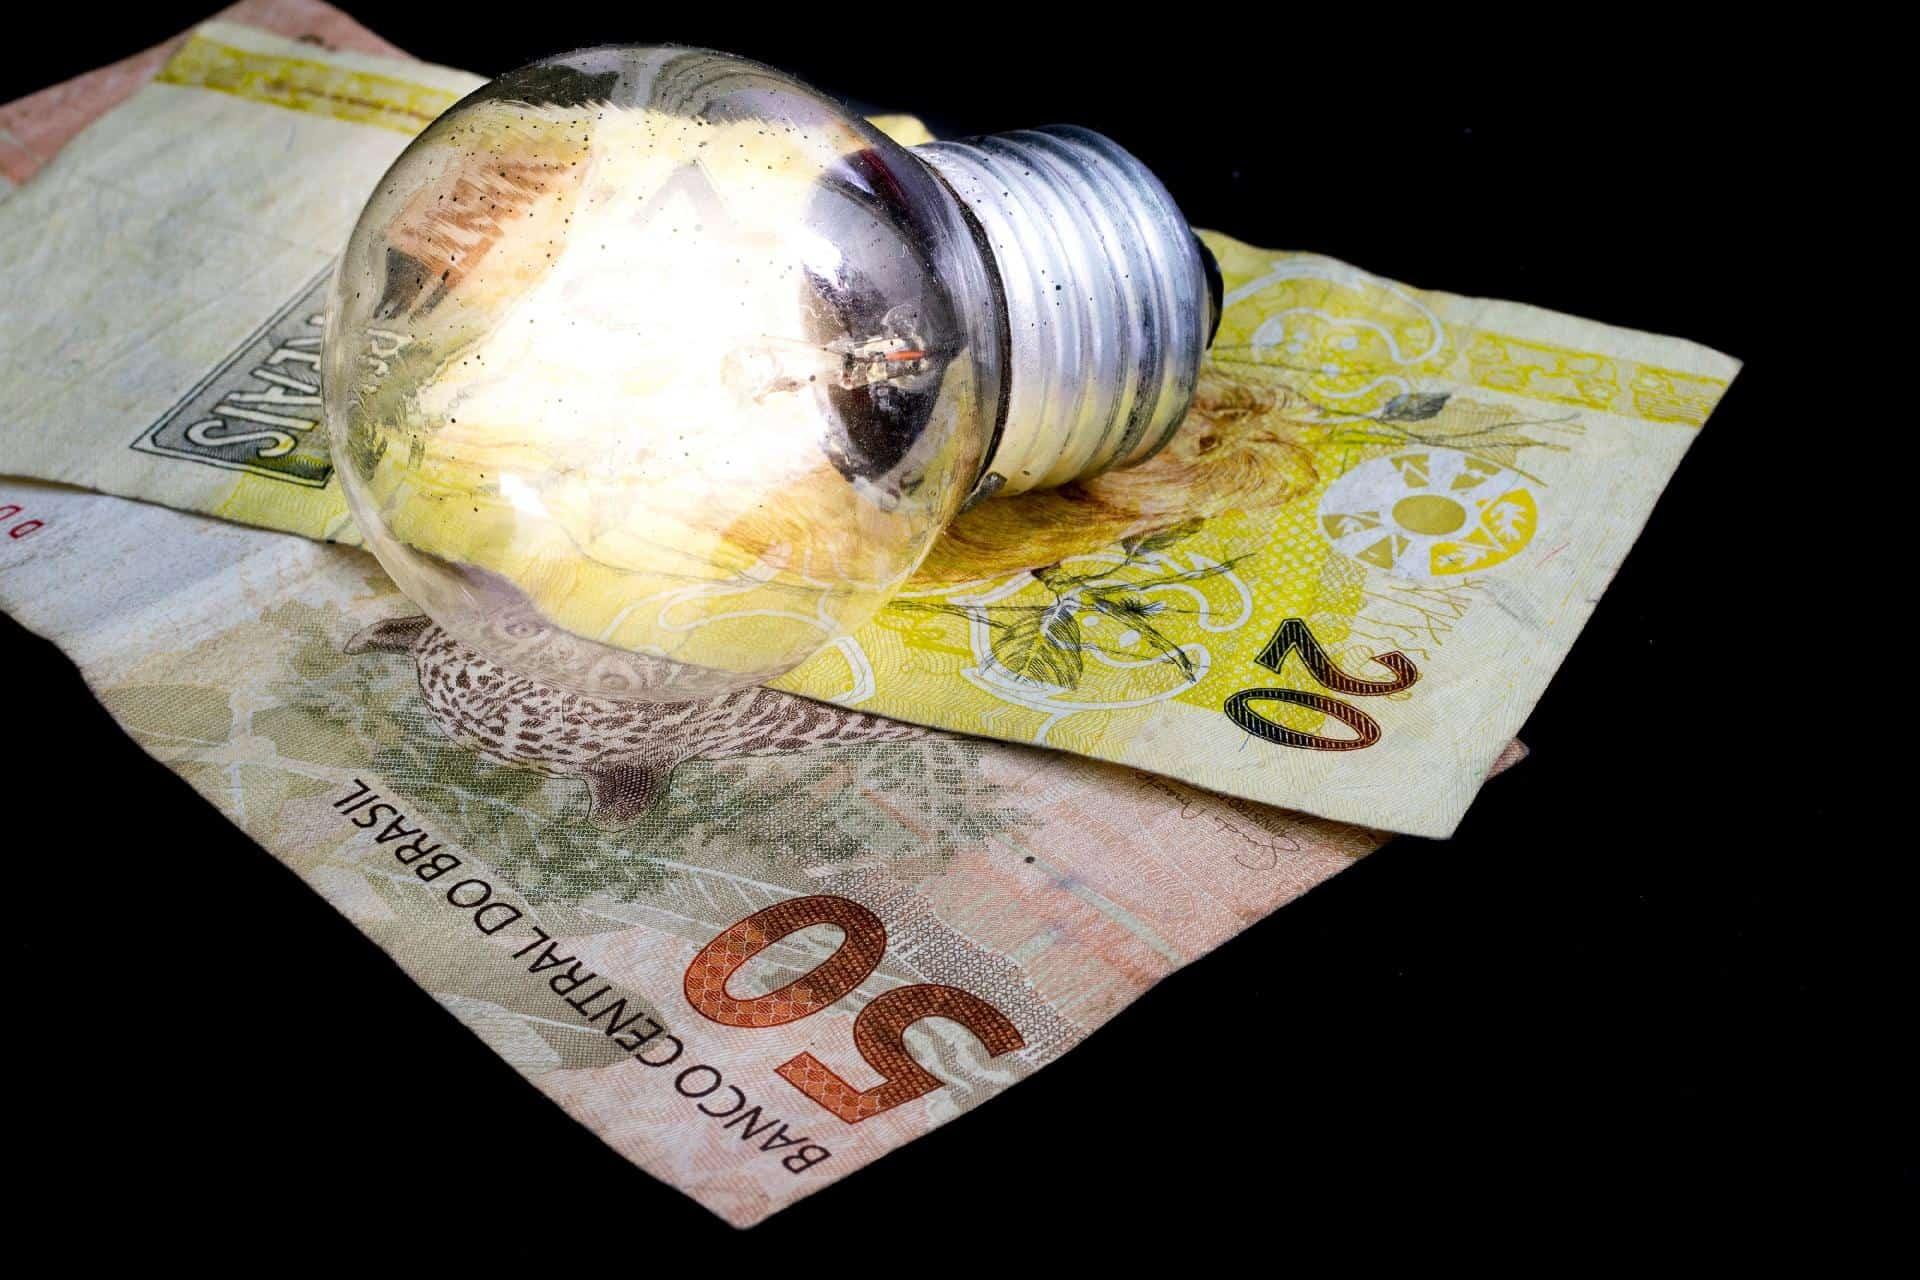 Conta de luz no Amapá surpreende com valor maior que R$1 MIL